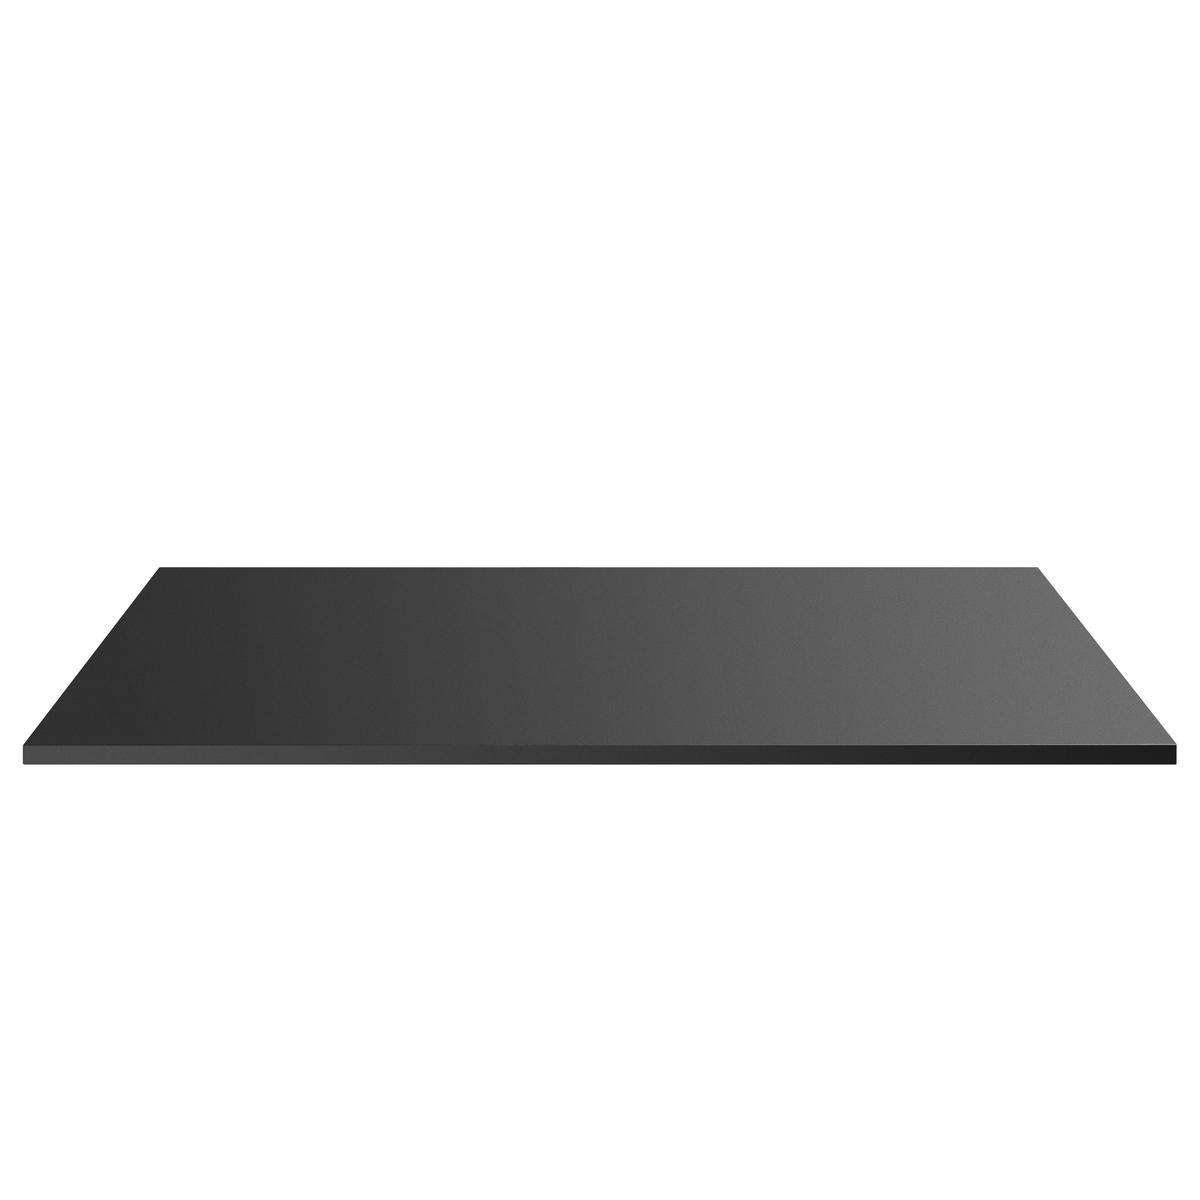 Столешница для письменного стола из металла, Angus, размер 2